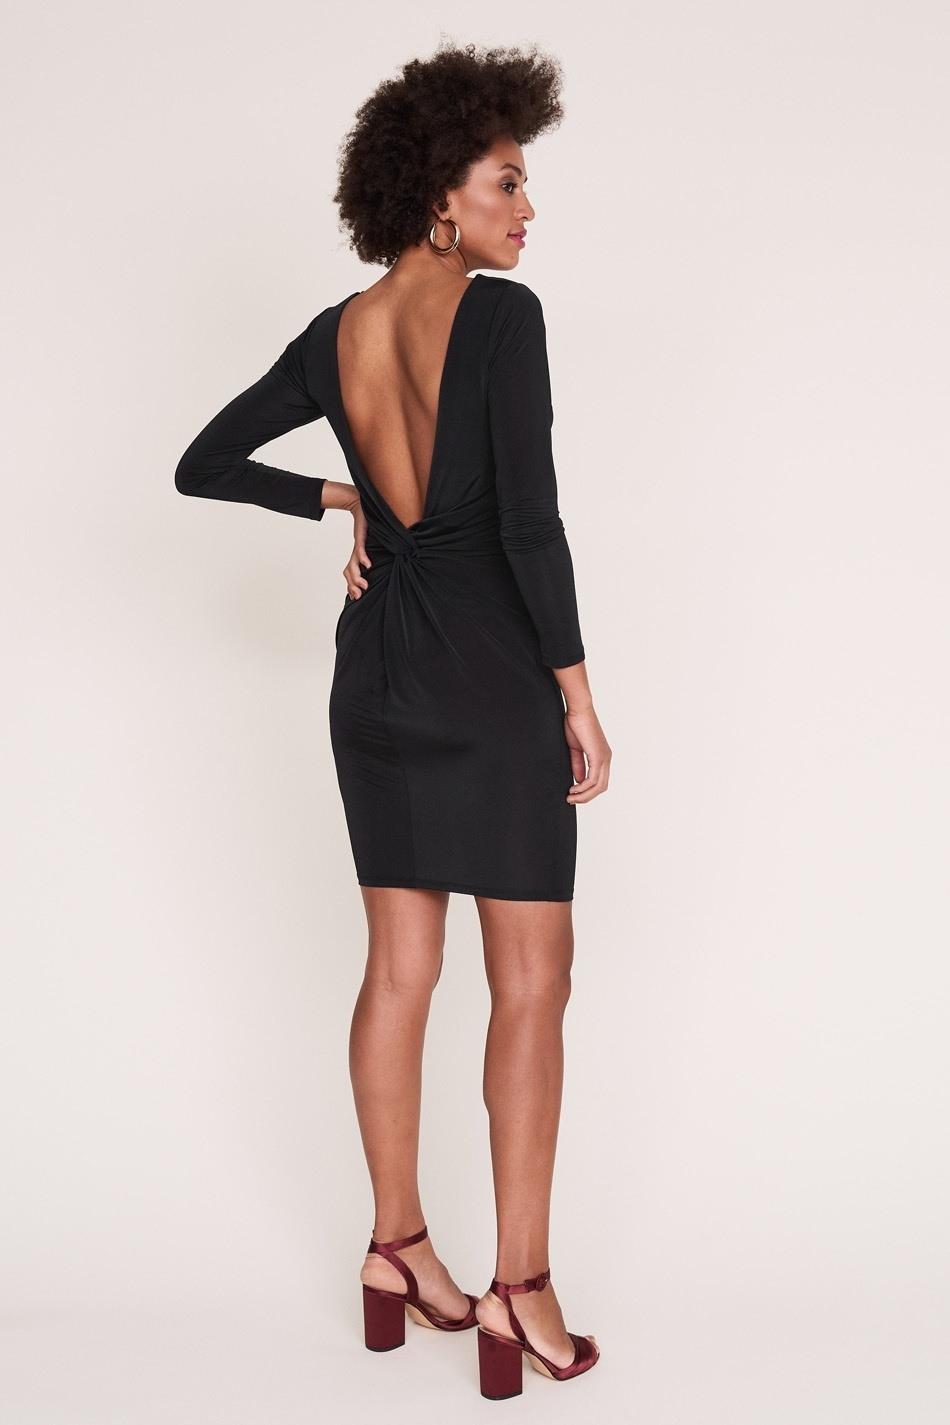 Designer Cool Kleid Rückenfrei Ärmel13 Erstaunlich Kleid Rückenfrei Bester Preis